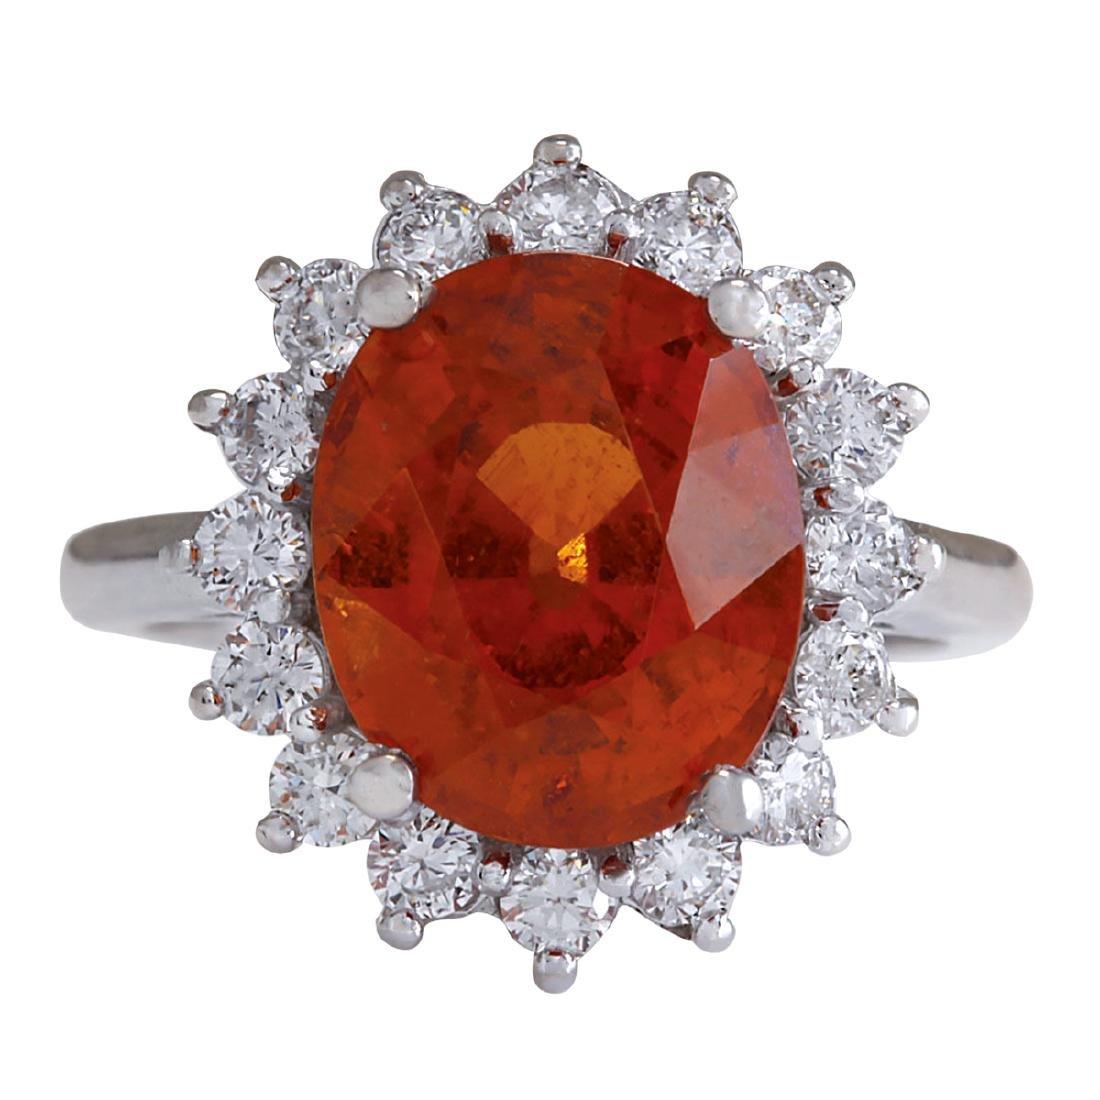 9.26Ct Natural Mandarin Garnet And Diamond Ring In18K